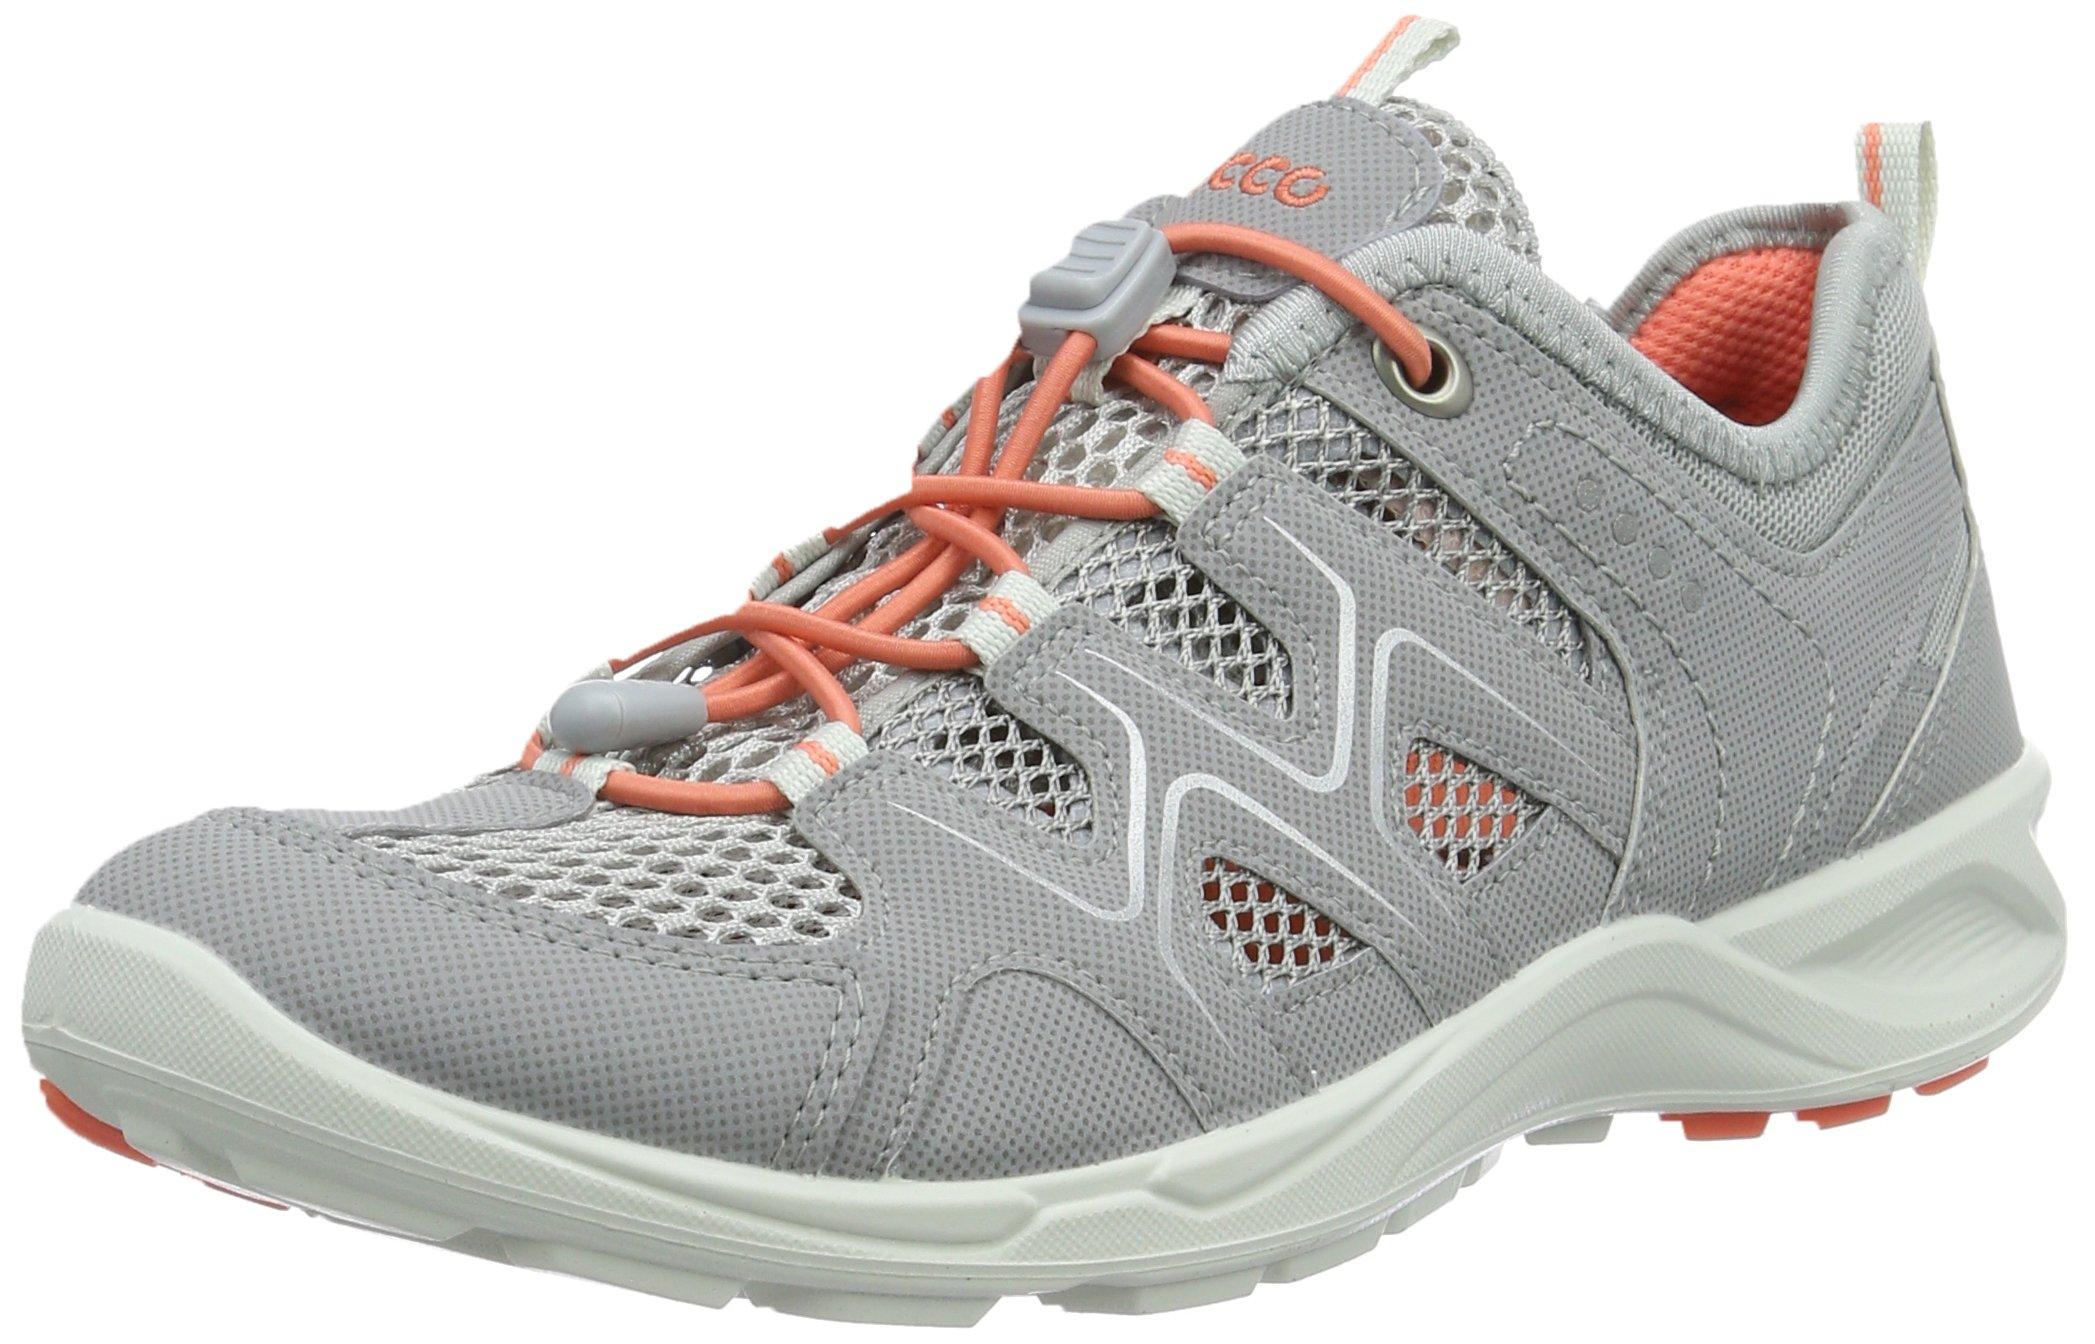 ECCO Women's Terracruise Hiking Shoe, Silver/Grey, 38 M EU (7-7.5 US)